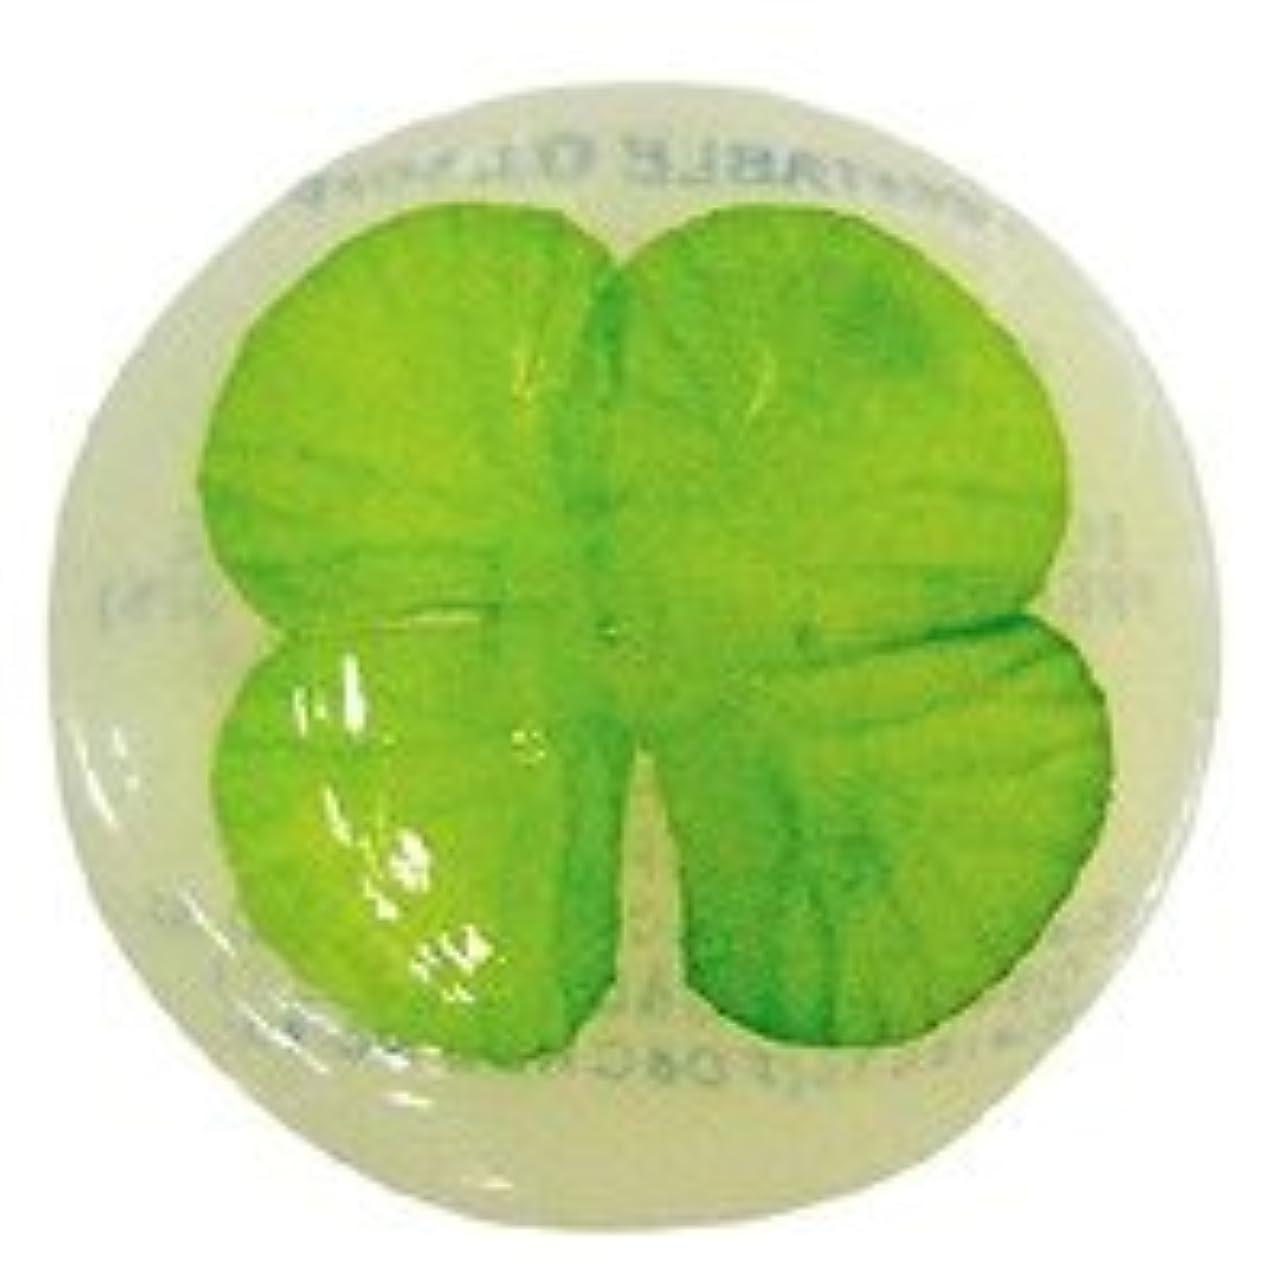 十億フルーツタイプベジタブルソープ ハッピーリーフ「クローバー」20個セット フローラルブーケの香り